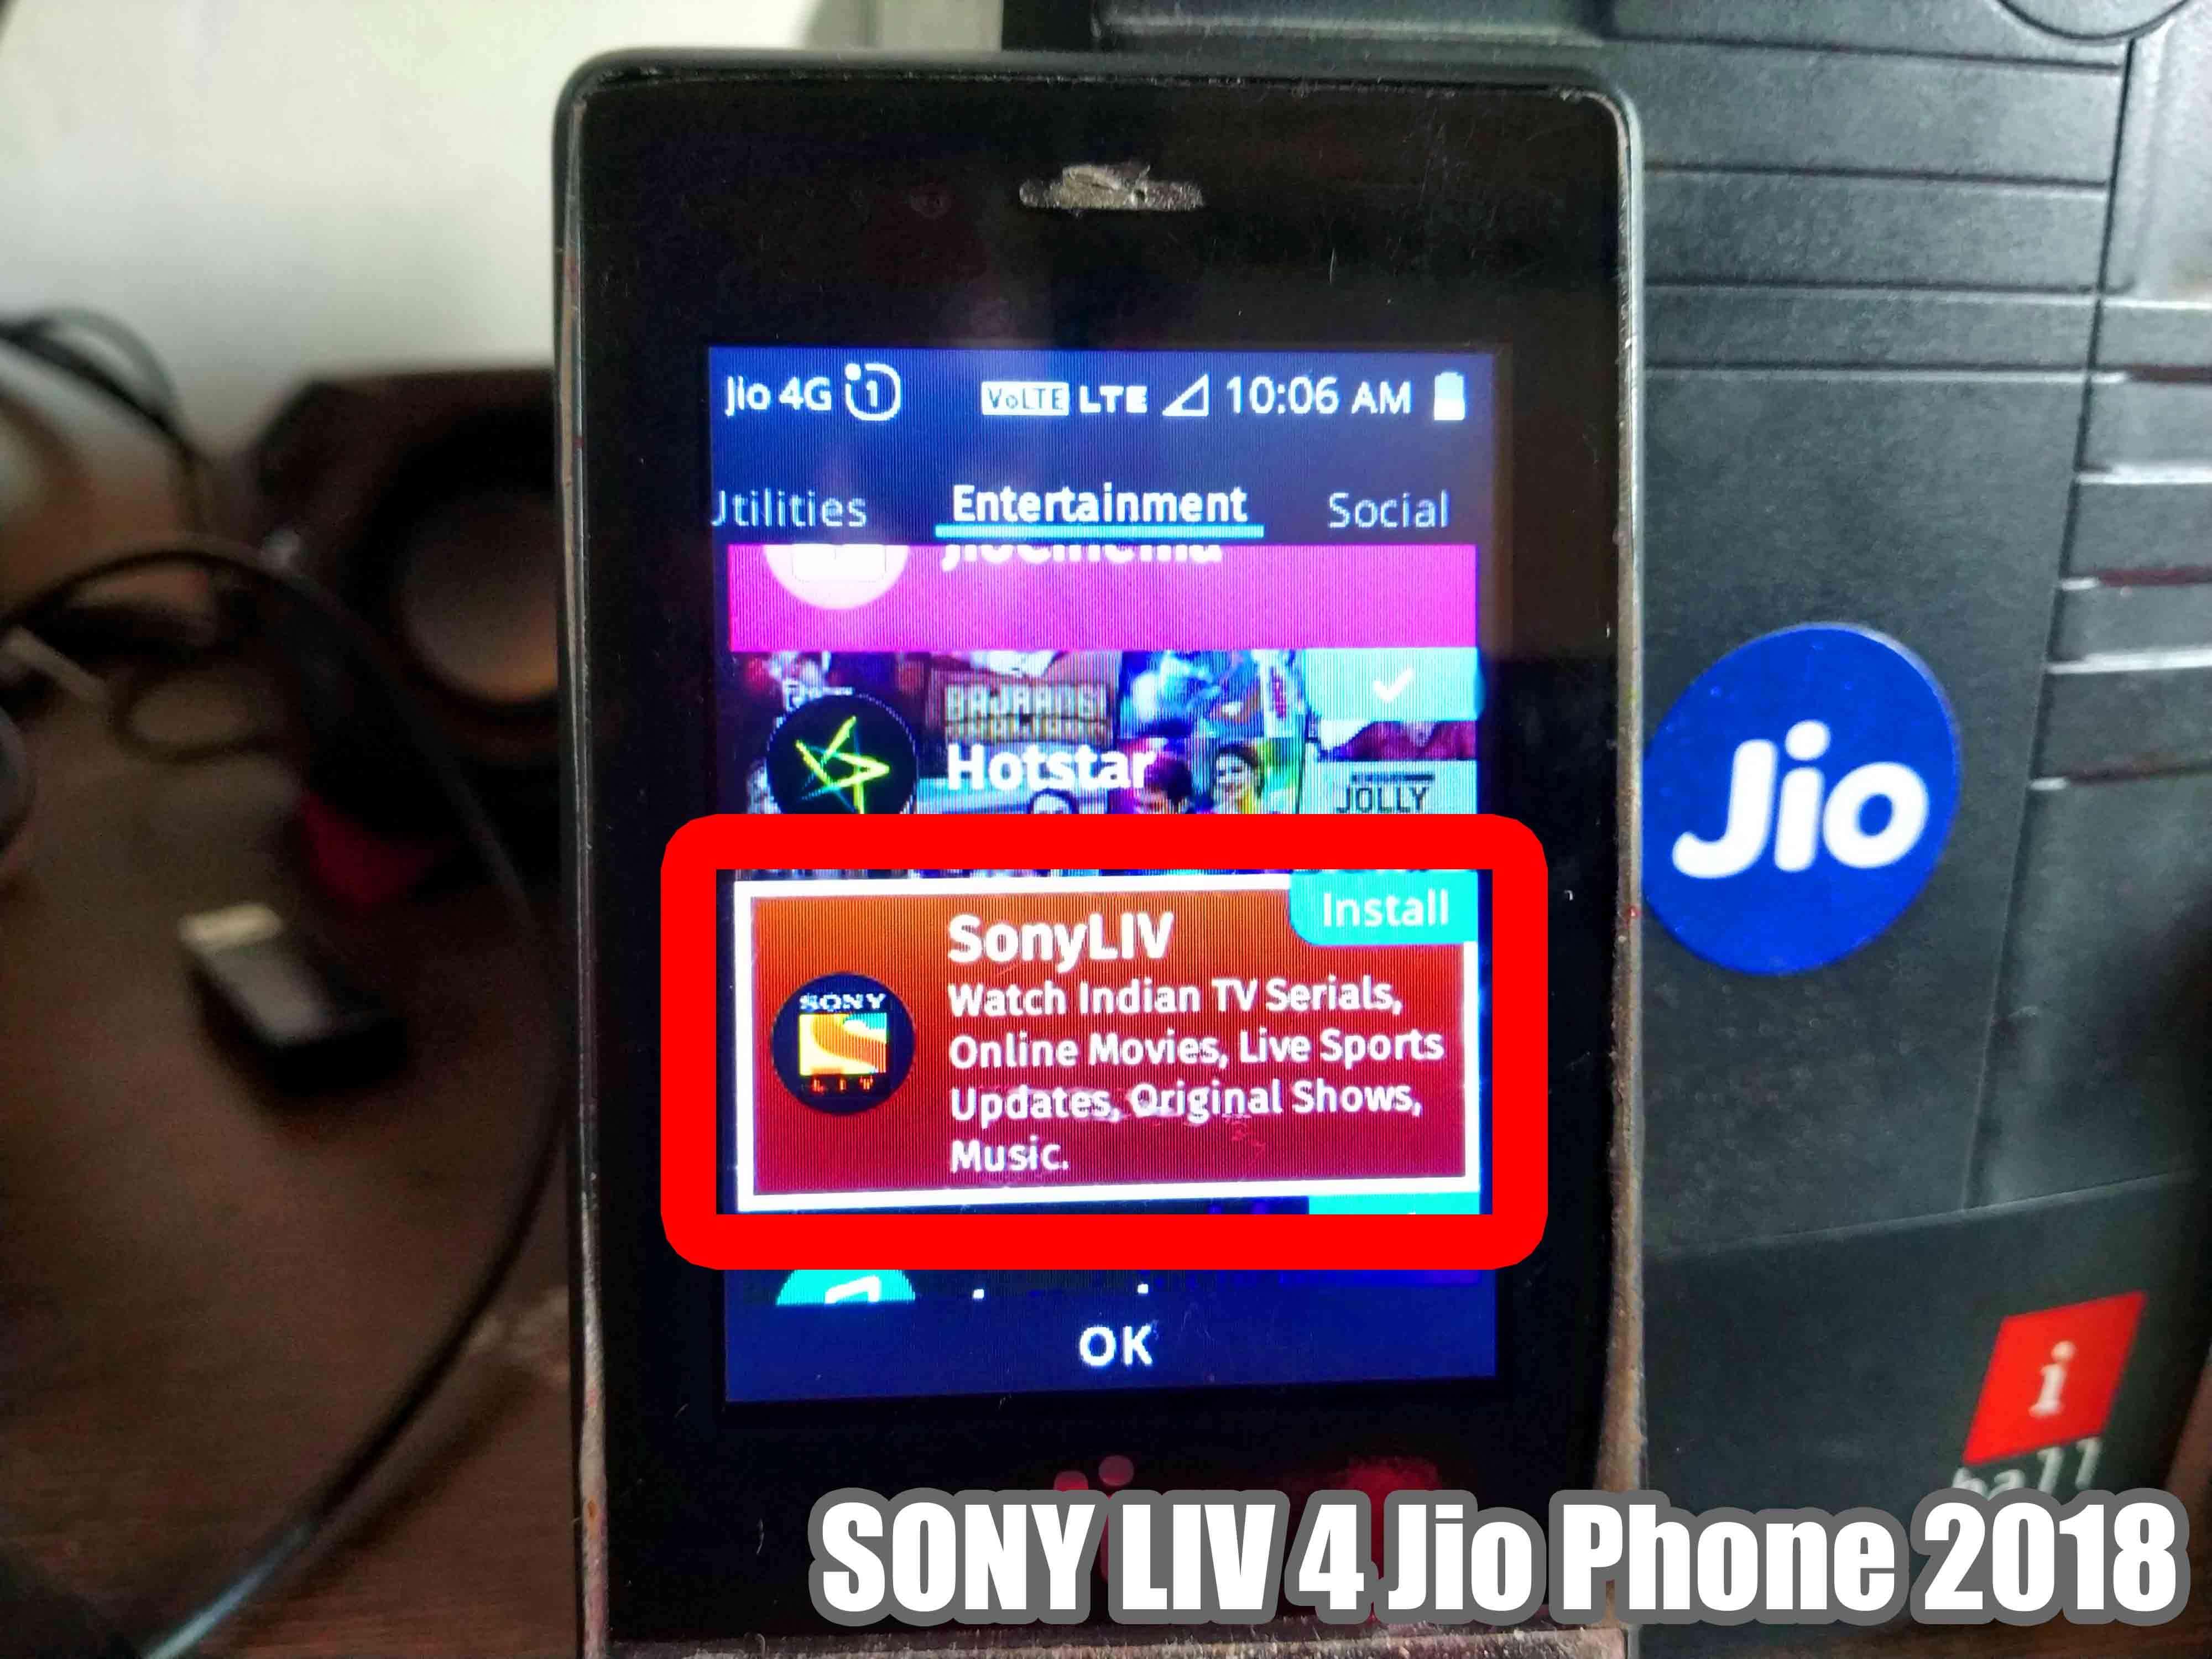 जिओ के मोबाइल में SonyLiv डाउनलोड कैसे करे